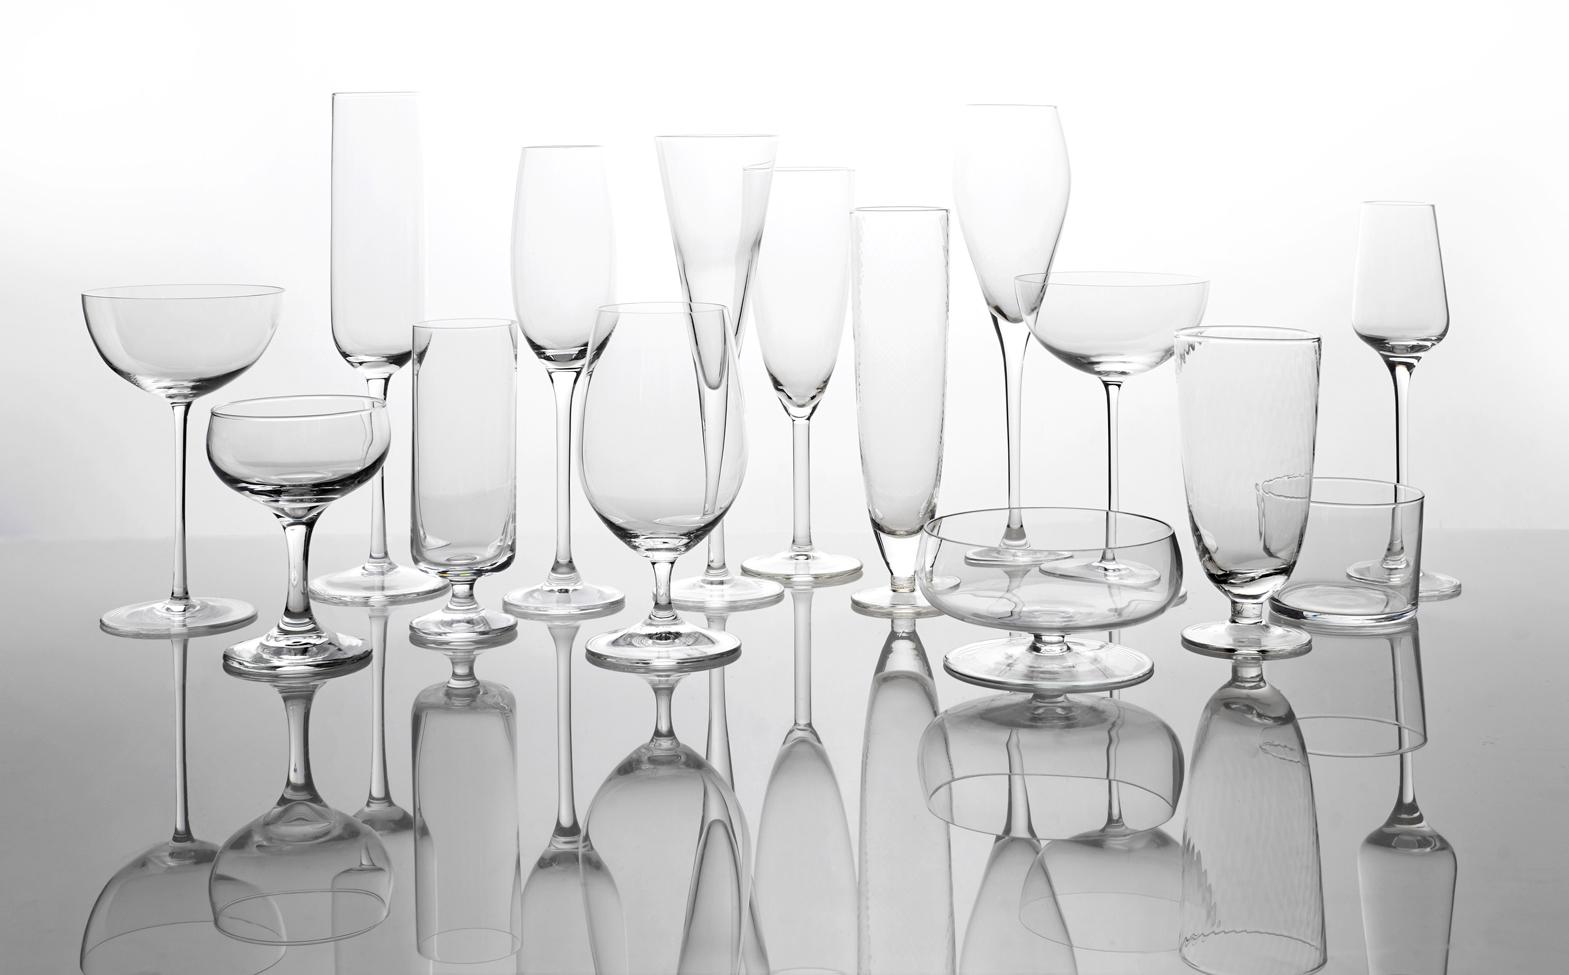 GreenPinkStill-Glasses-378.jpg